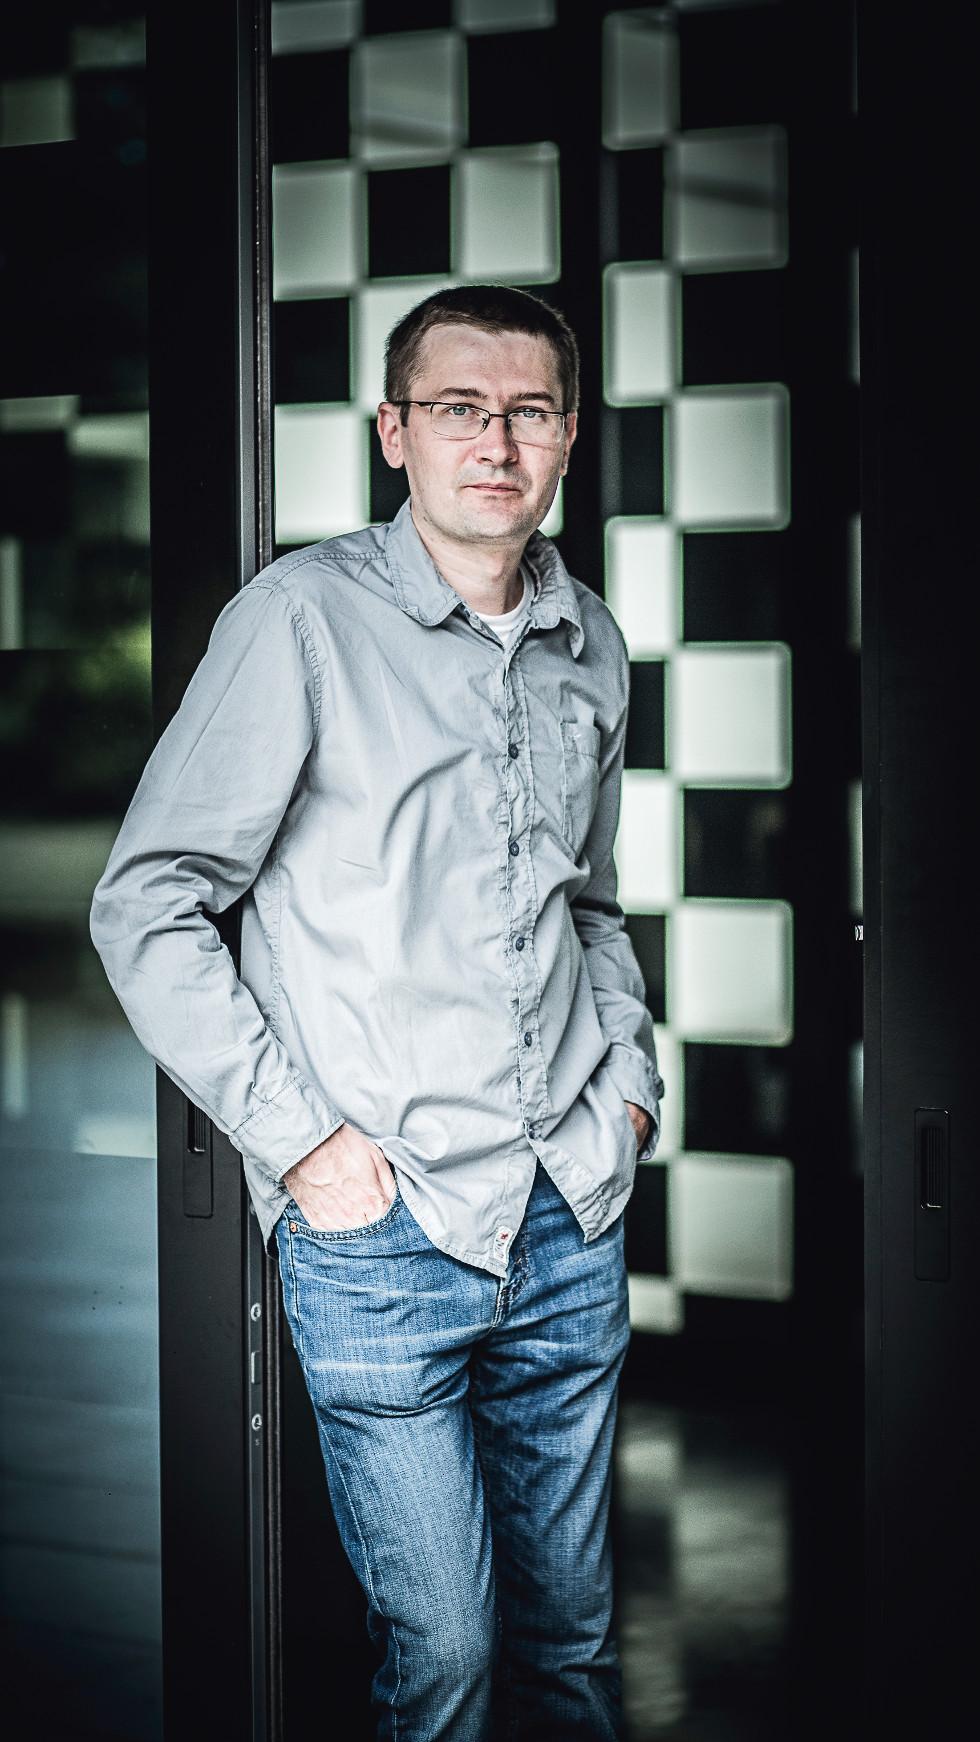 Jakub Magoń